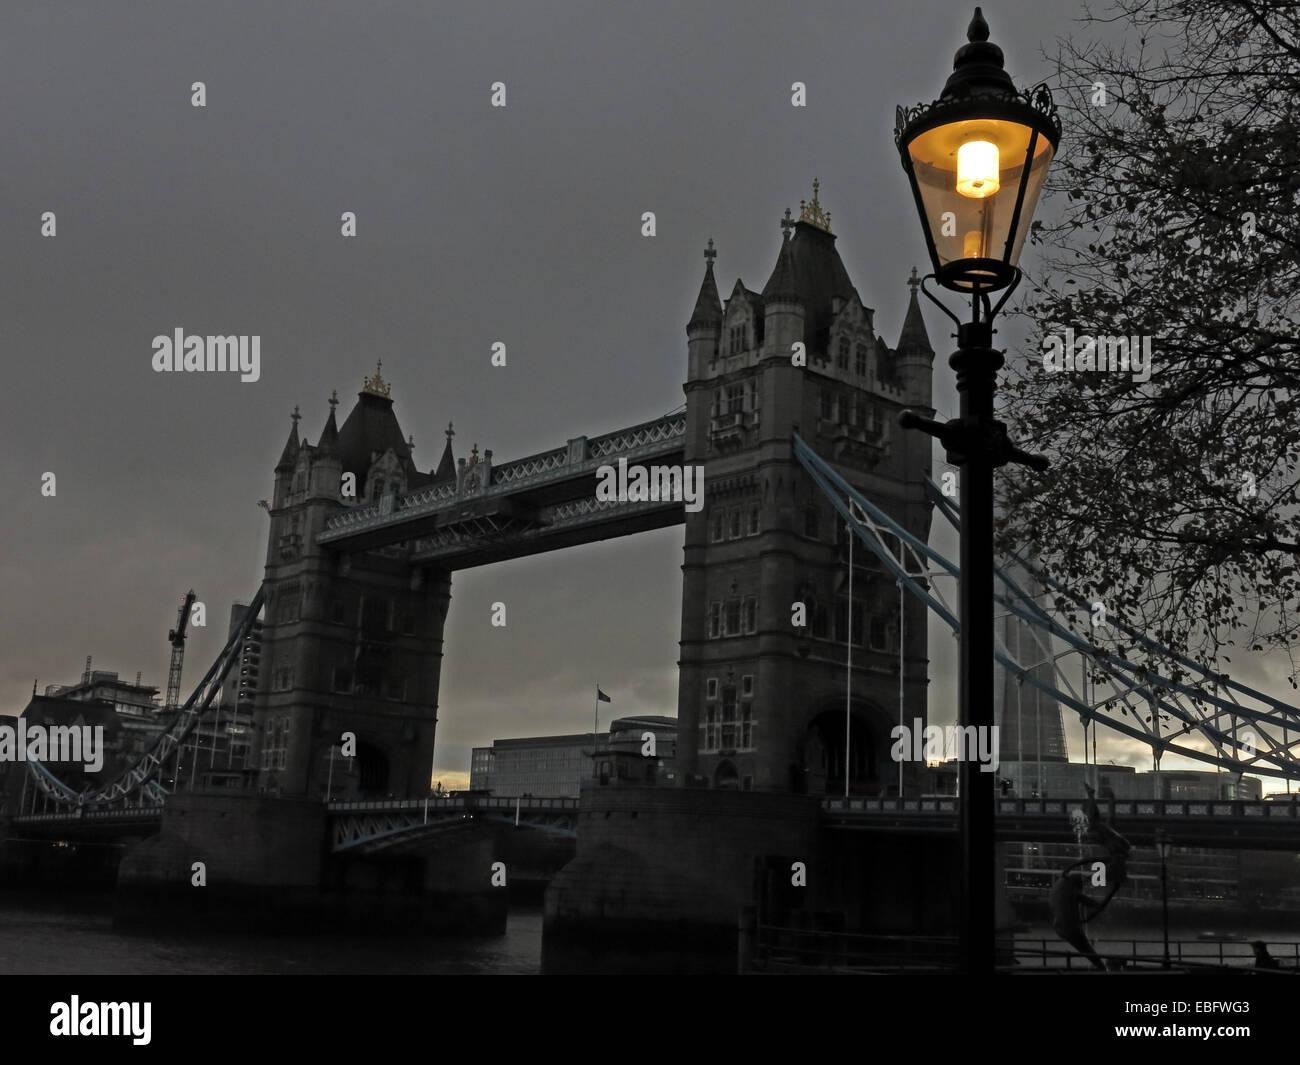 Laden Sie dieses Alamy Stockfoto Tower Bridge, die Themse, London bei Dämmerung, England, UK - EBFWG3